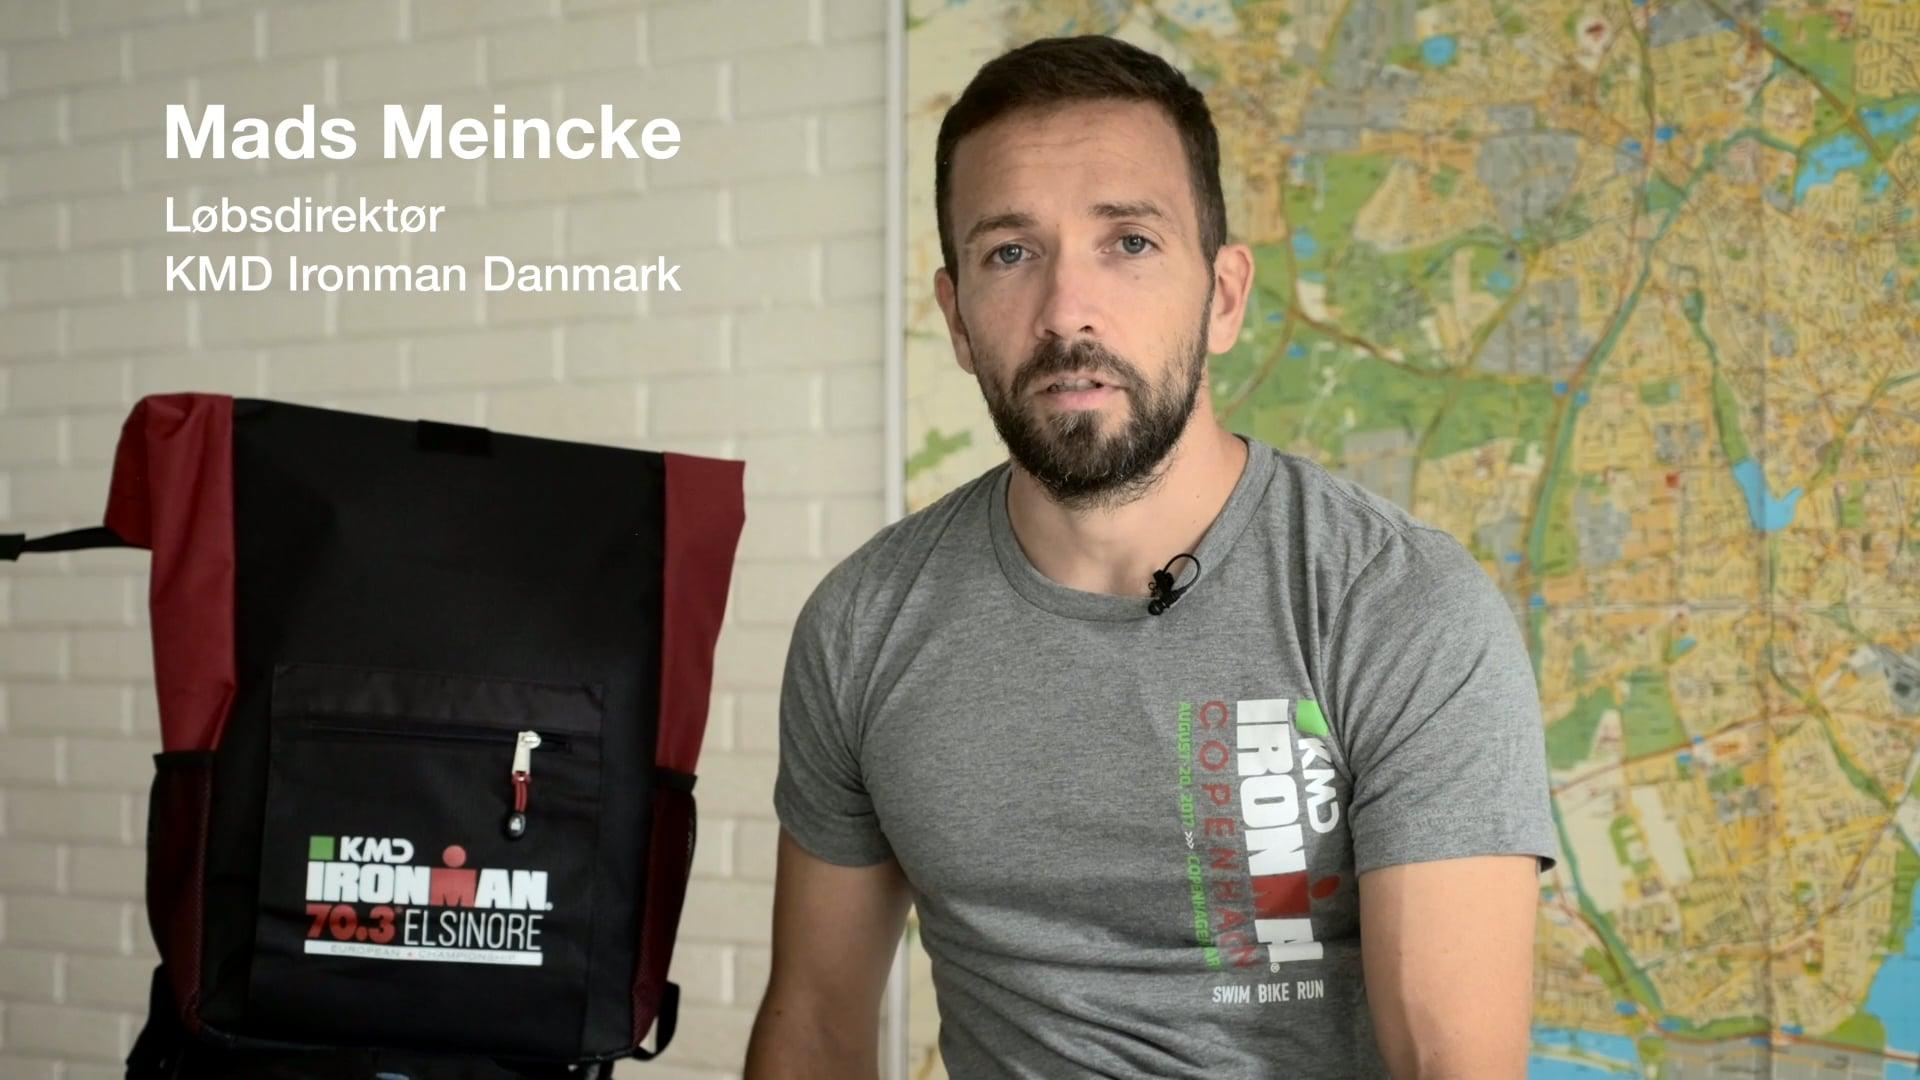 Mads Meincke